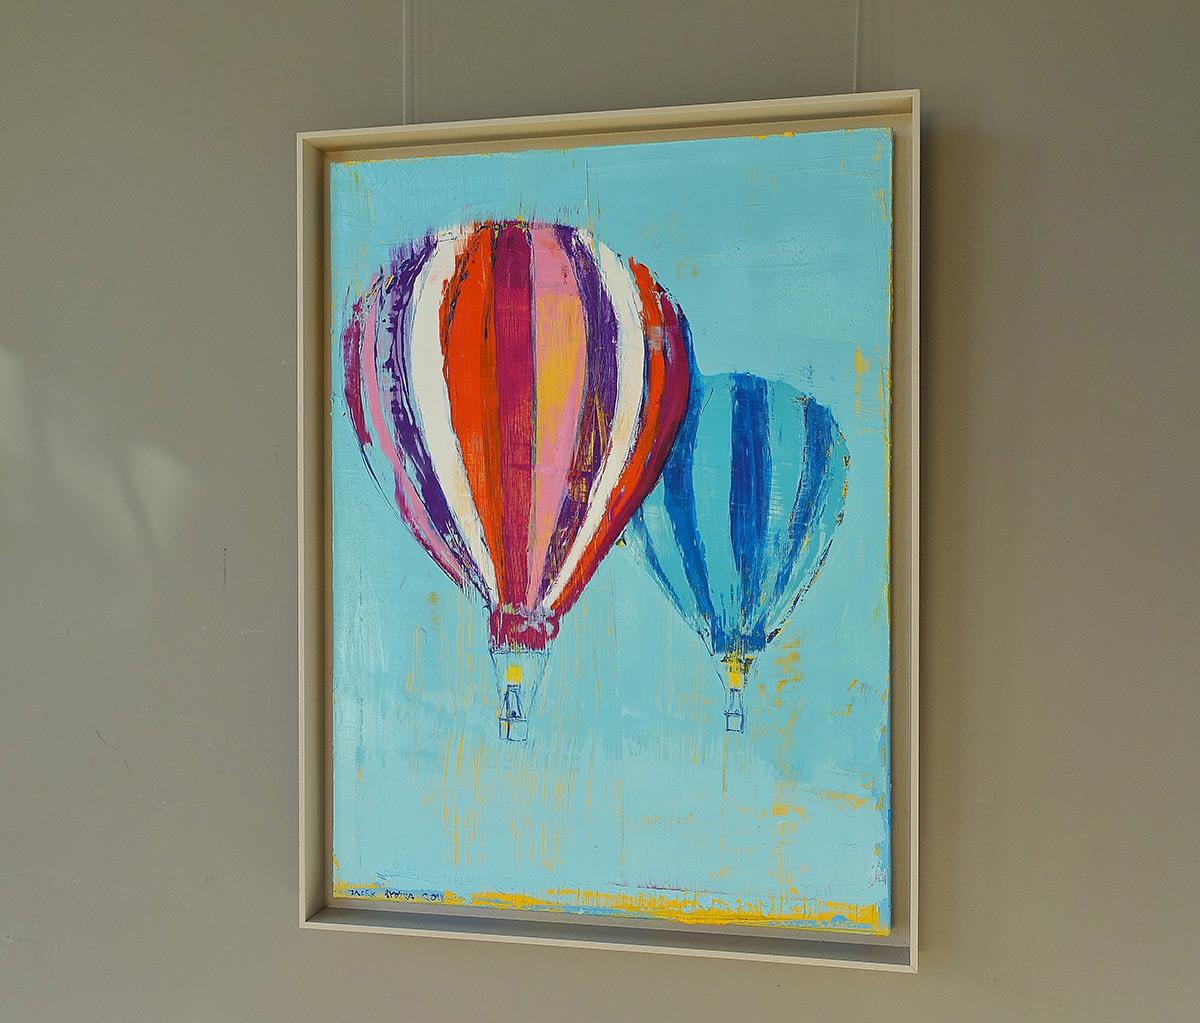 Jacek Łydżba - Two balloons